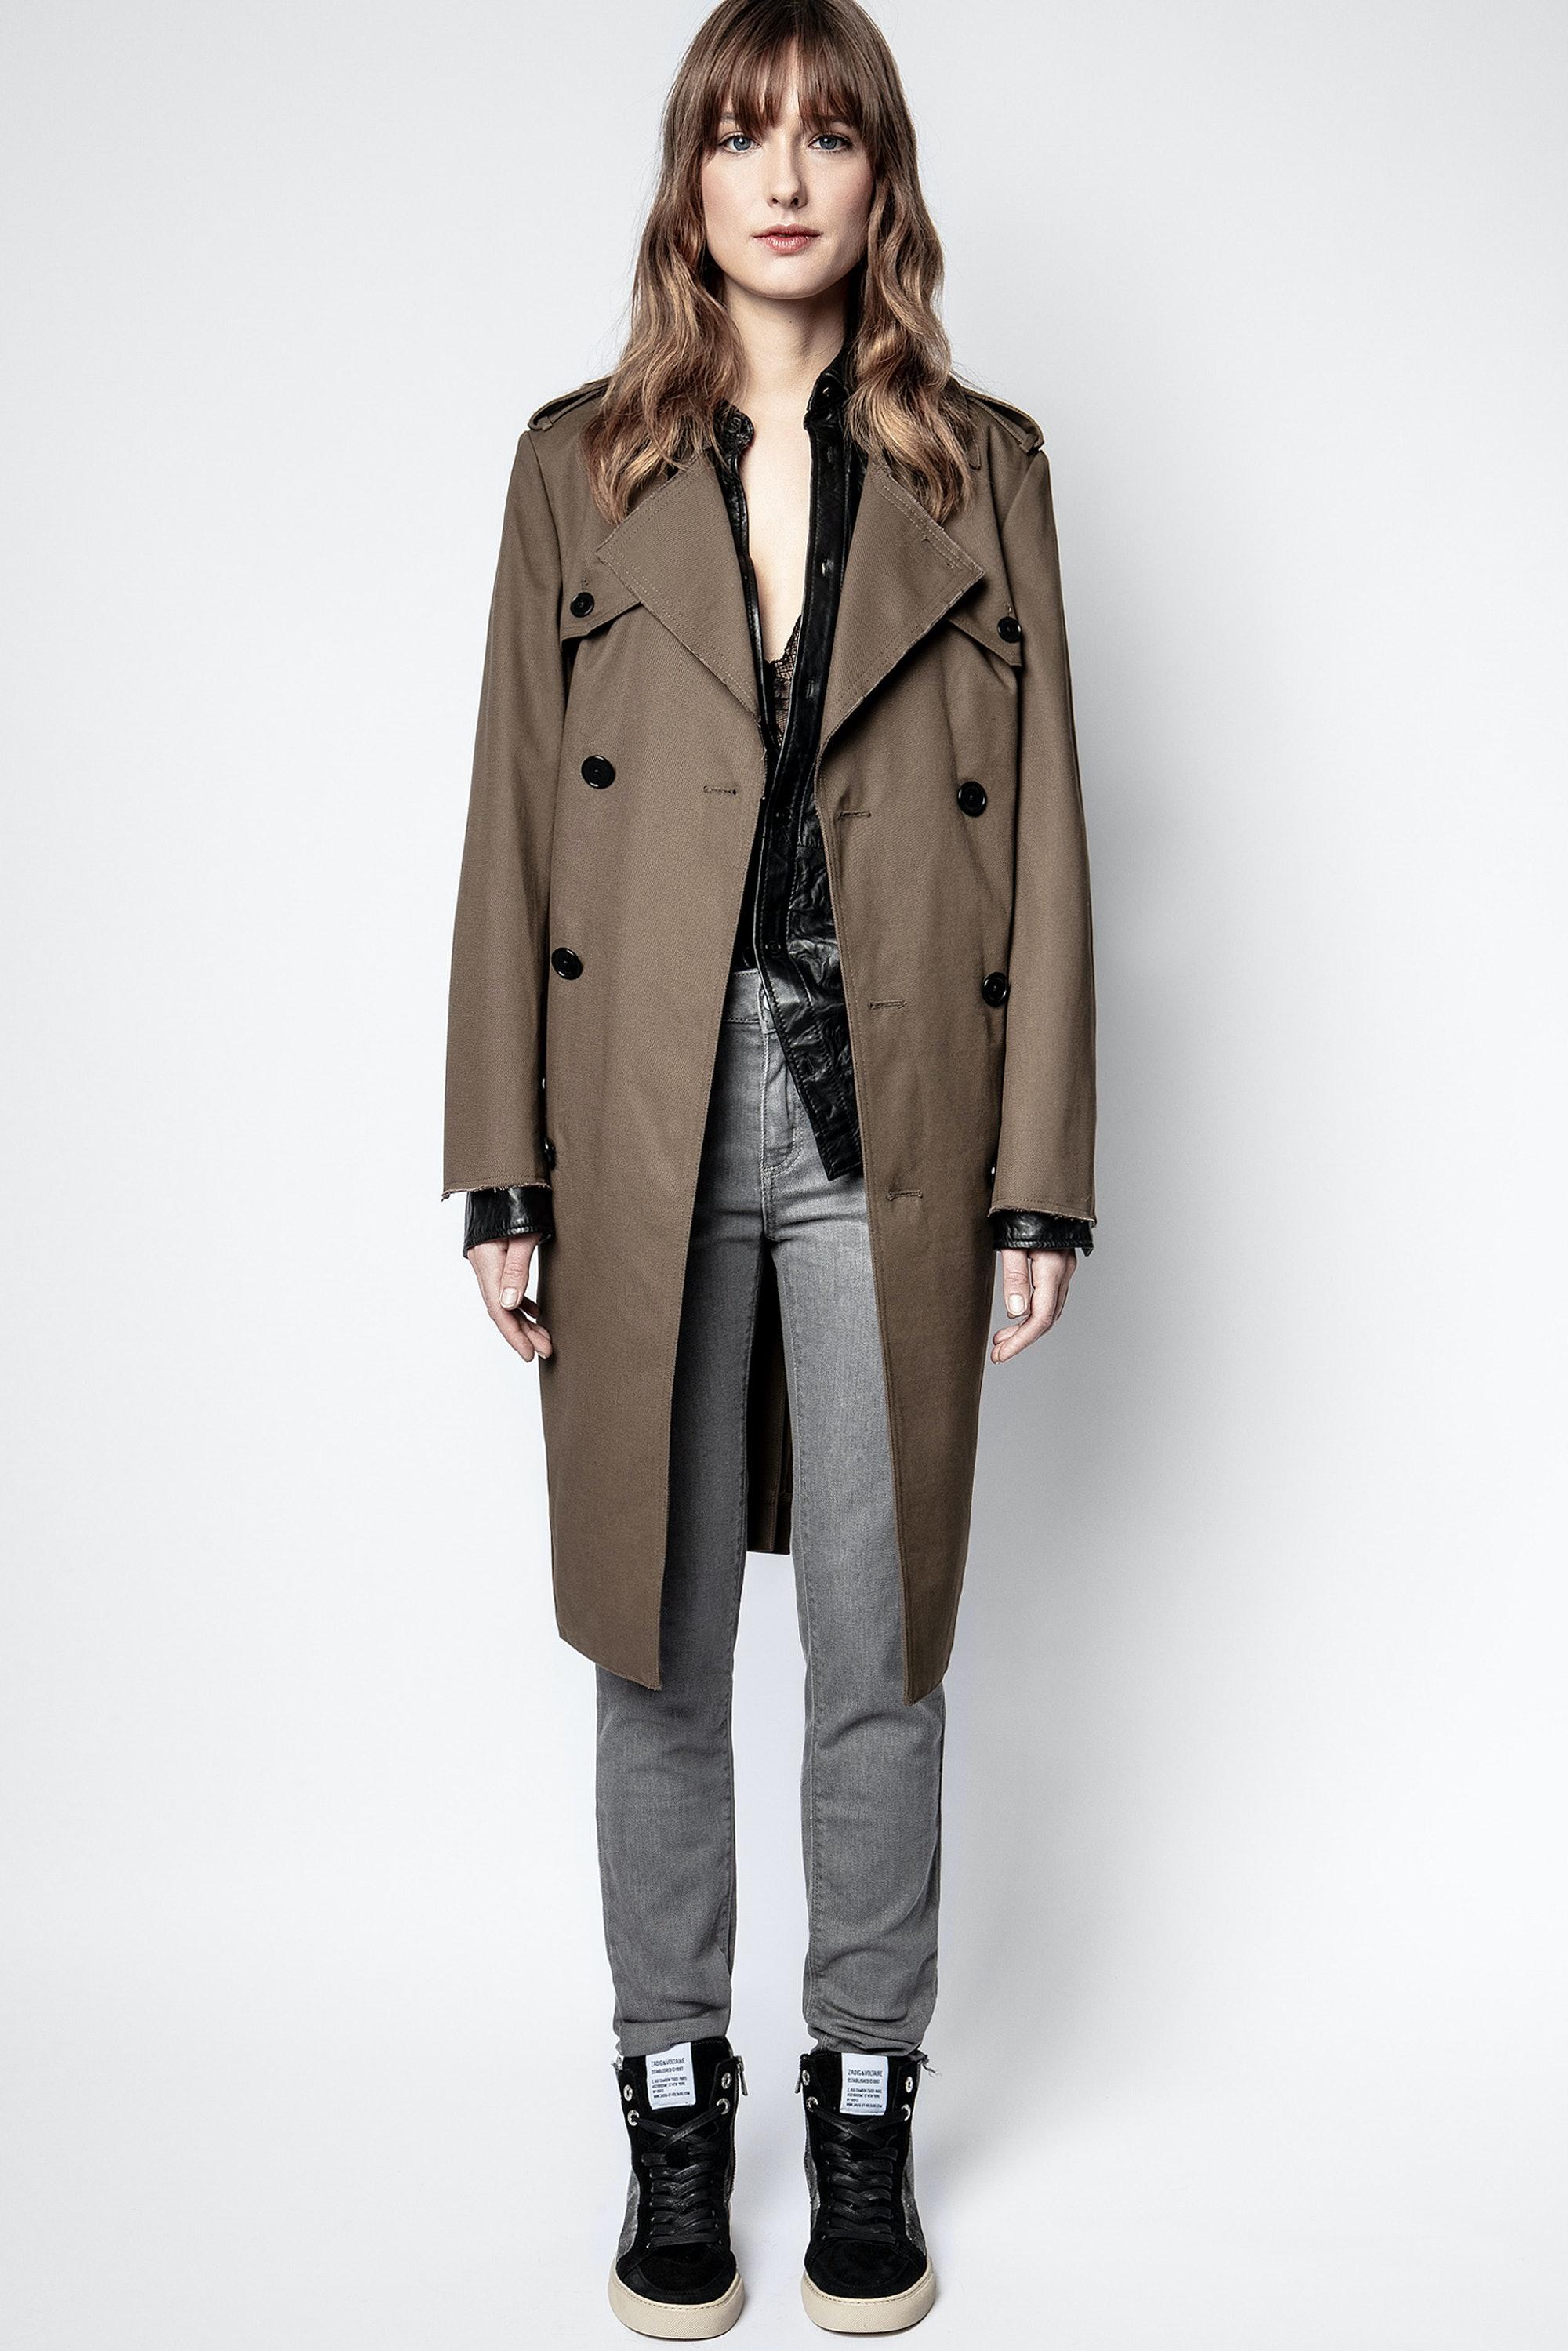 Mia Trench Coat